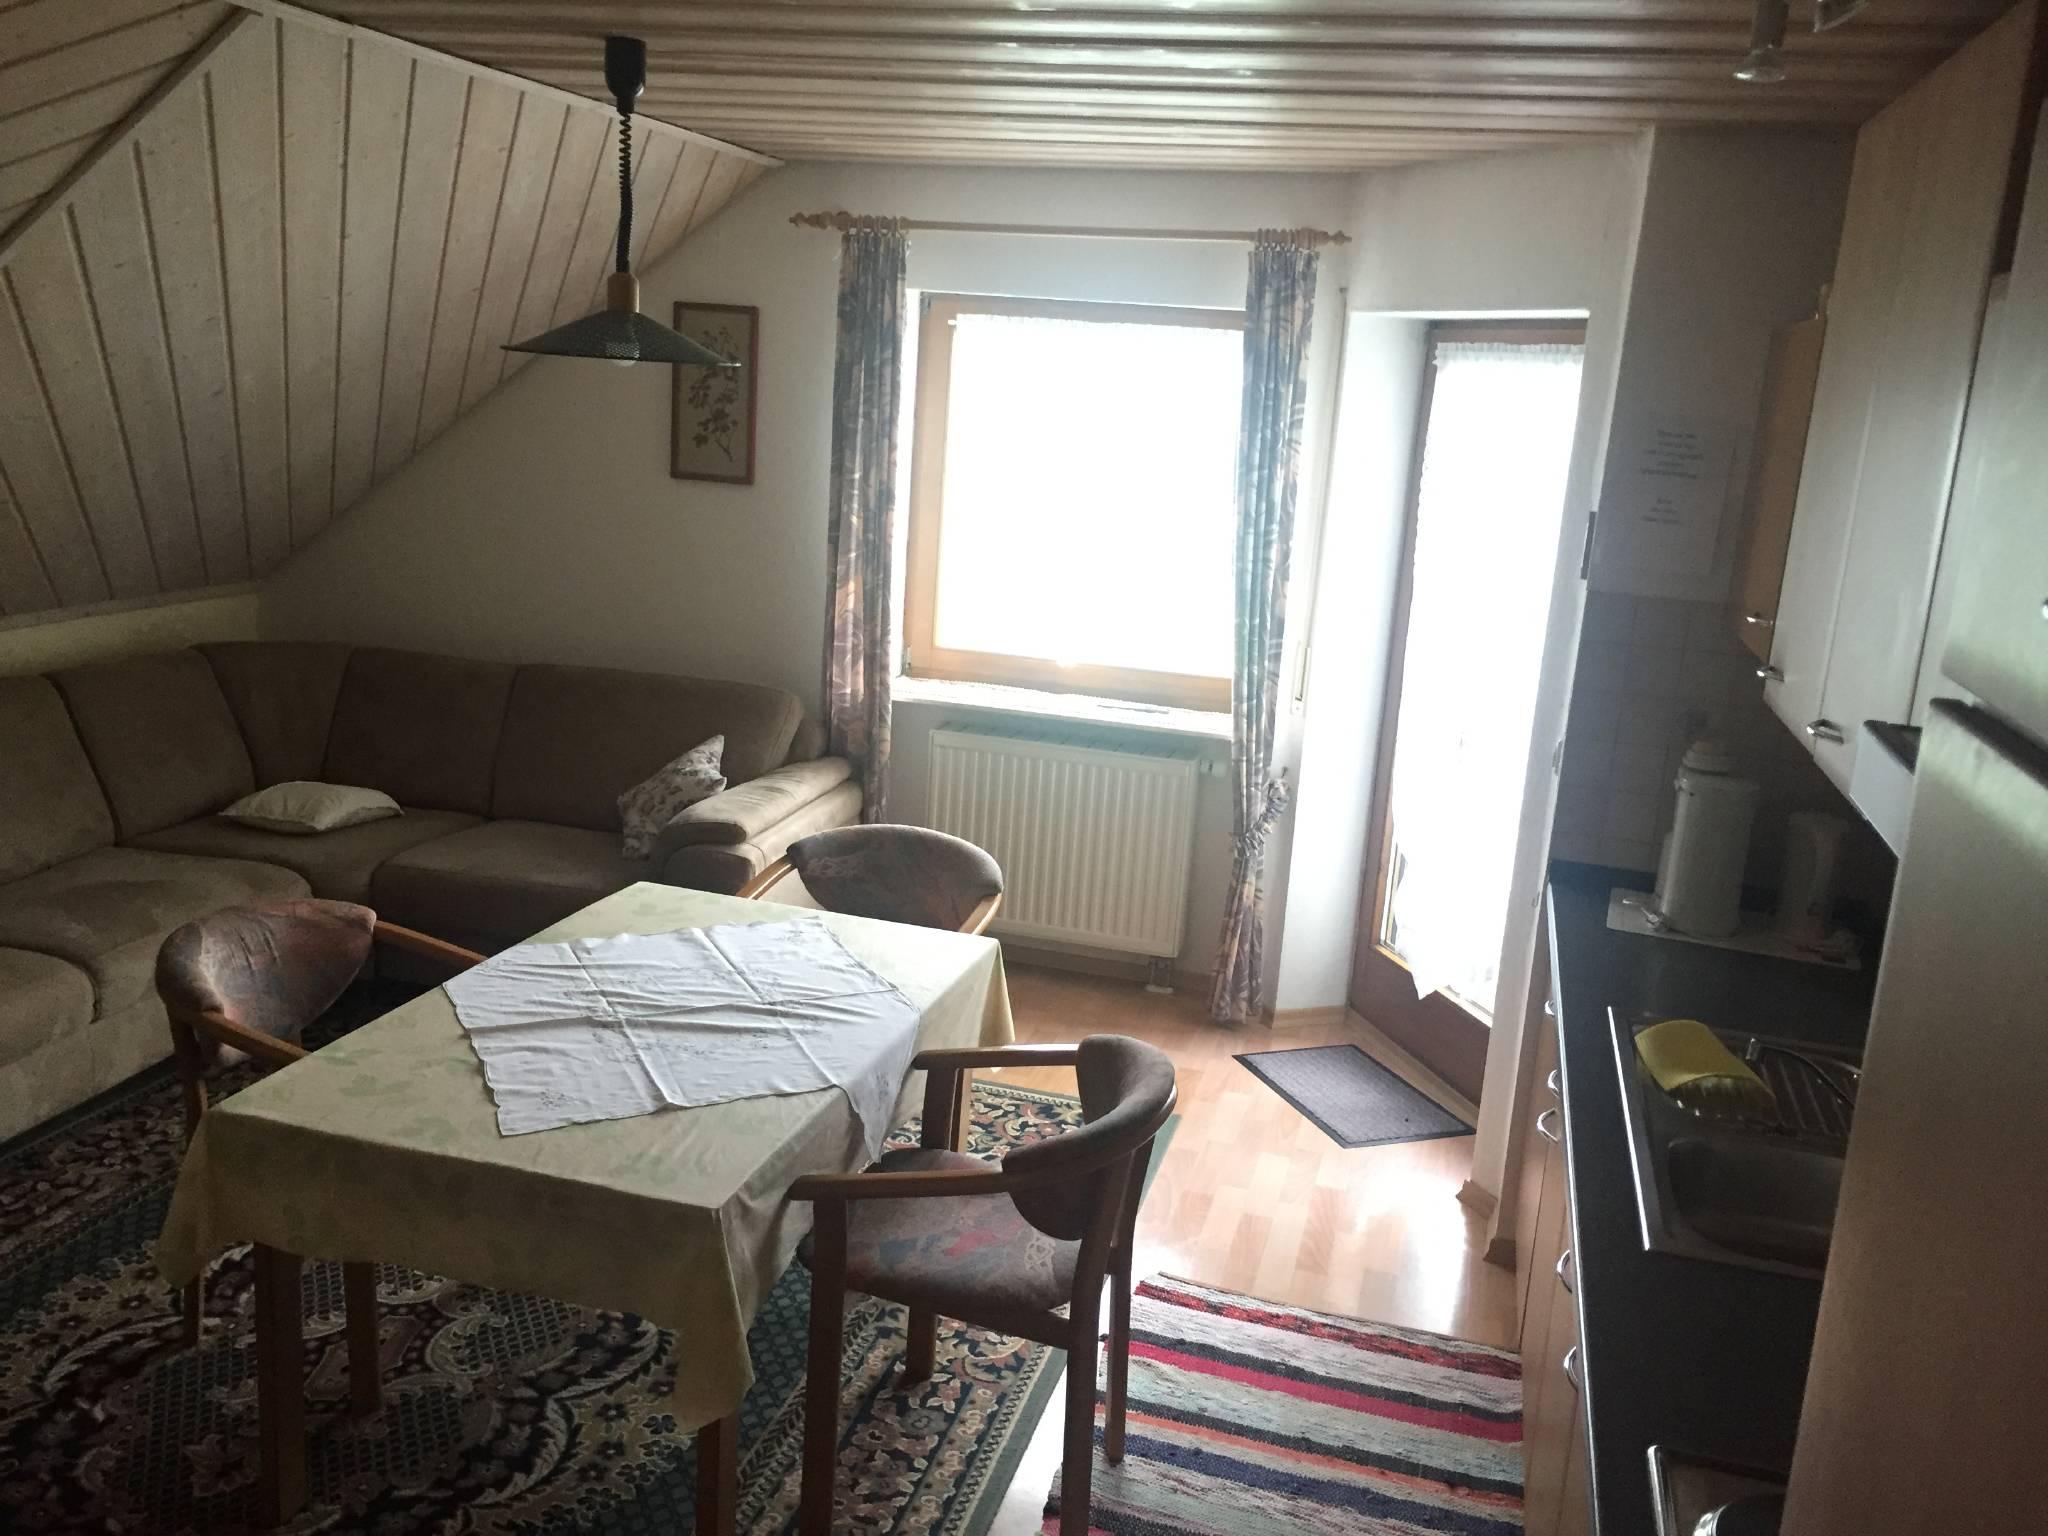 Wohnzimmer/K�che. Couch mit Bettfunktion